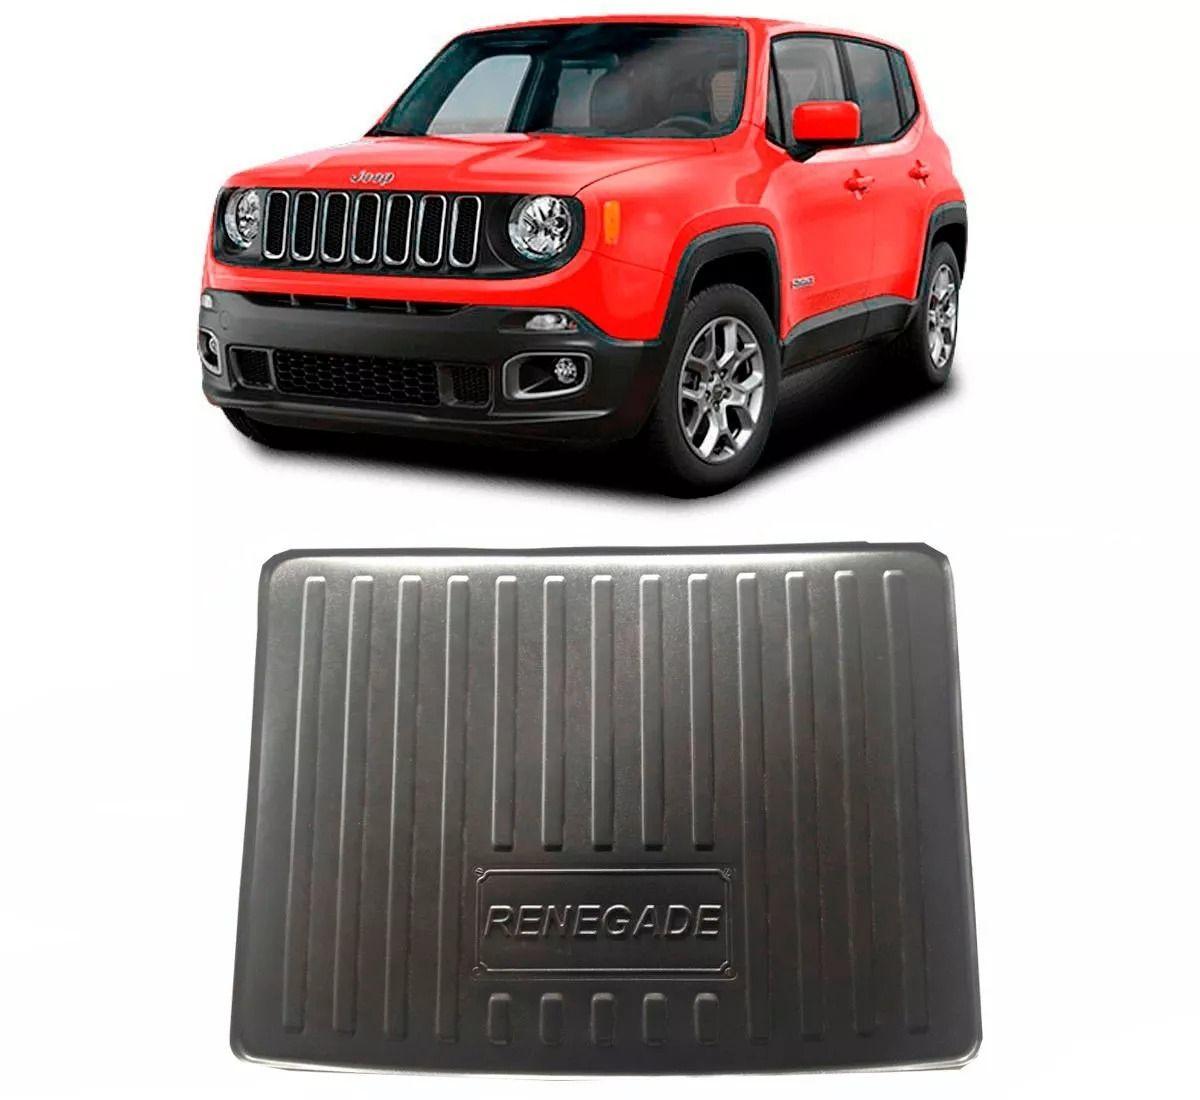 Tapete Bandeja Porta Malas Jeep Renegade - Pvc